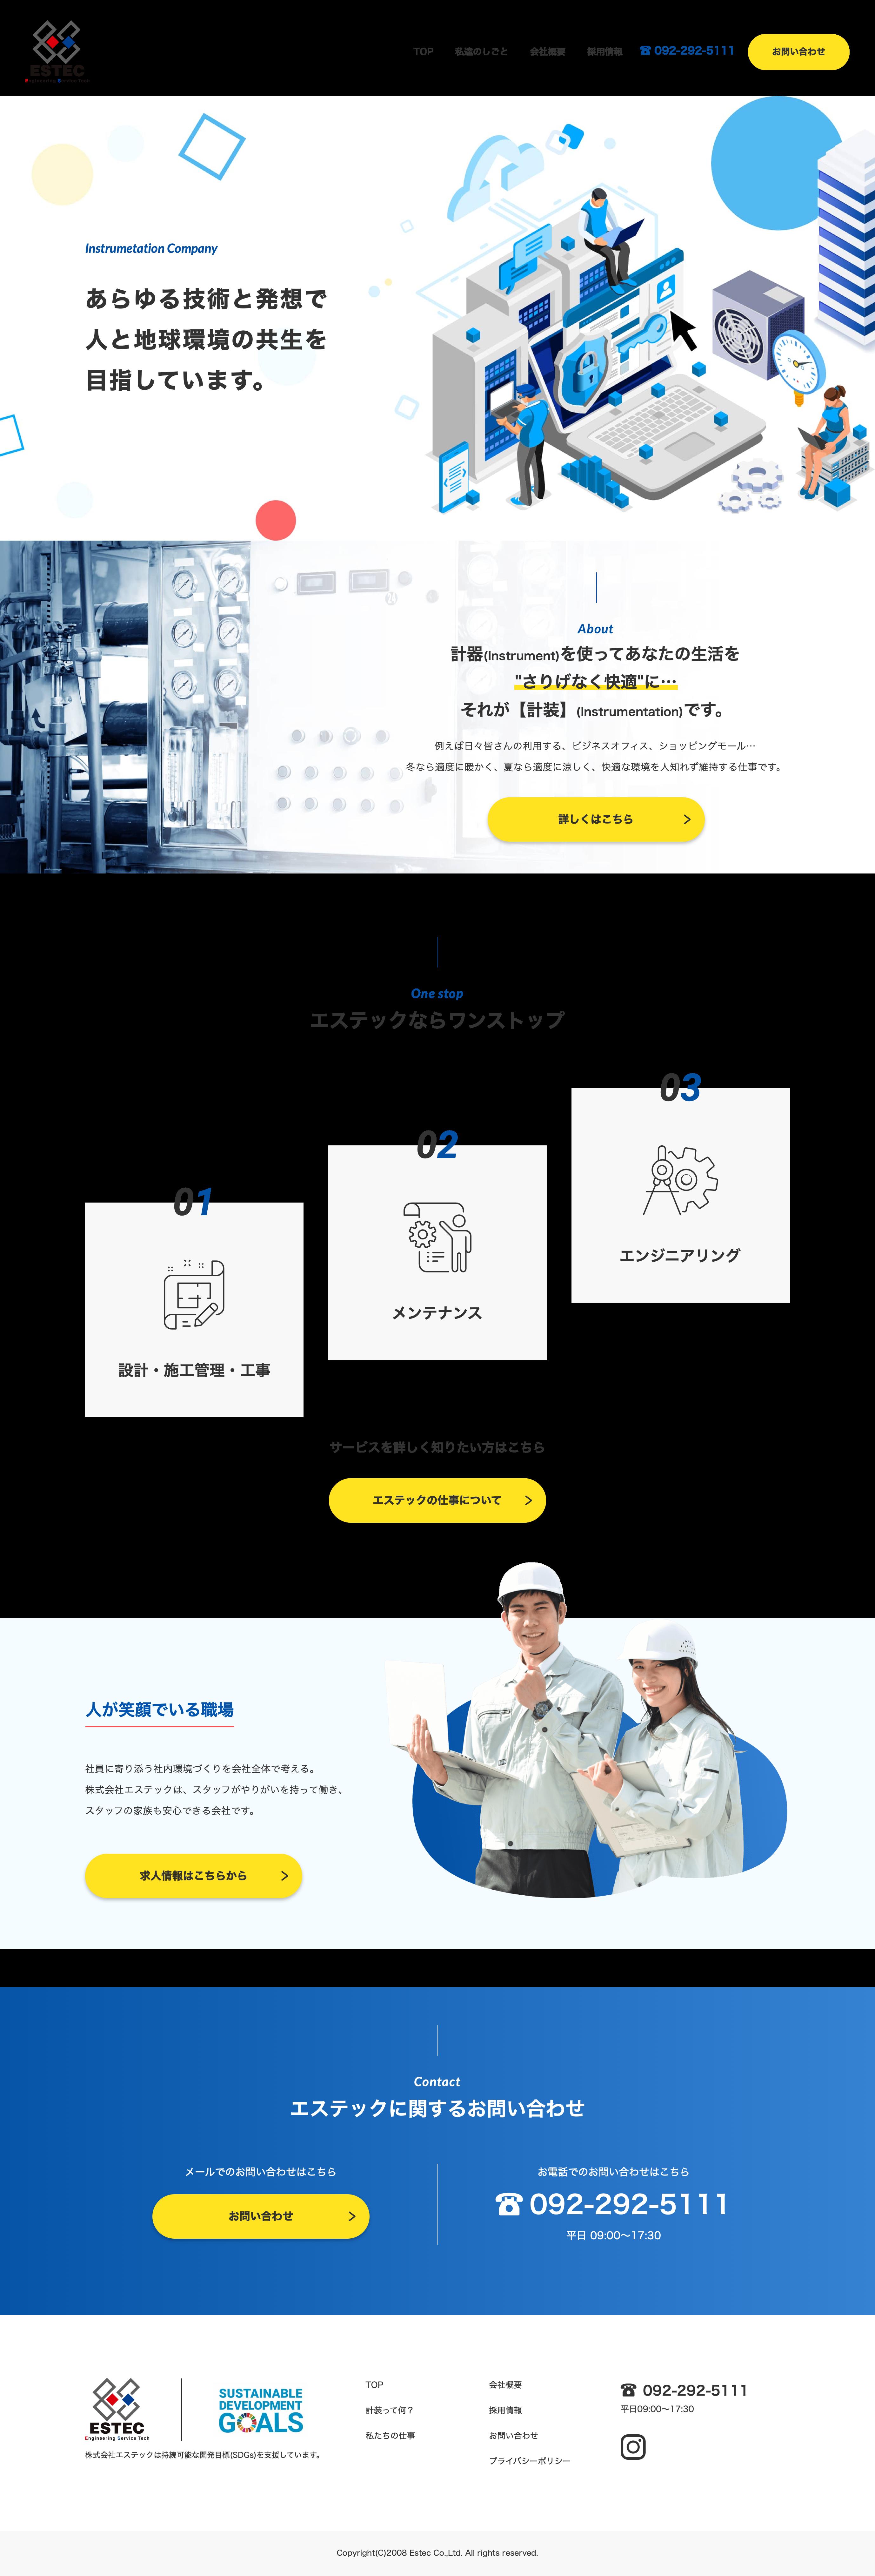 株式会社エステック様 PC画像